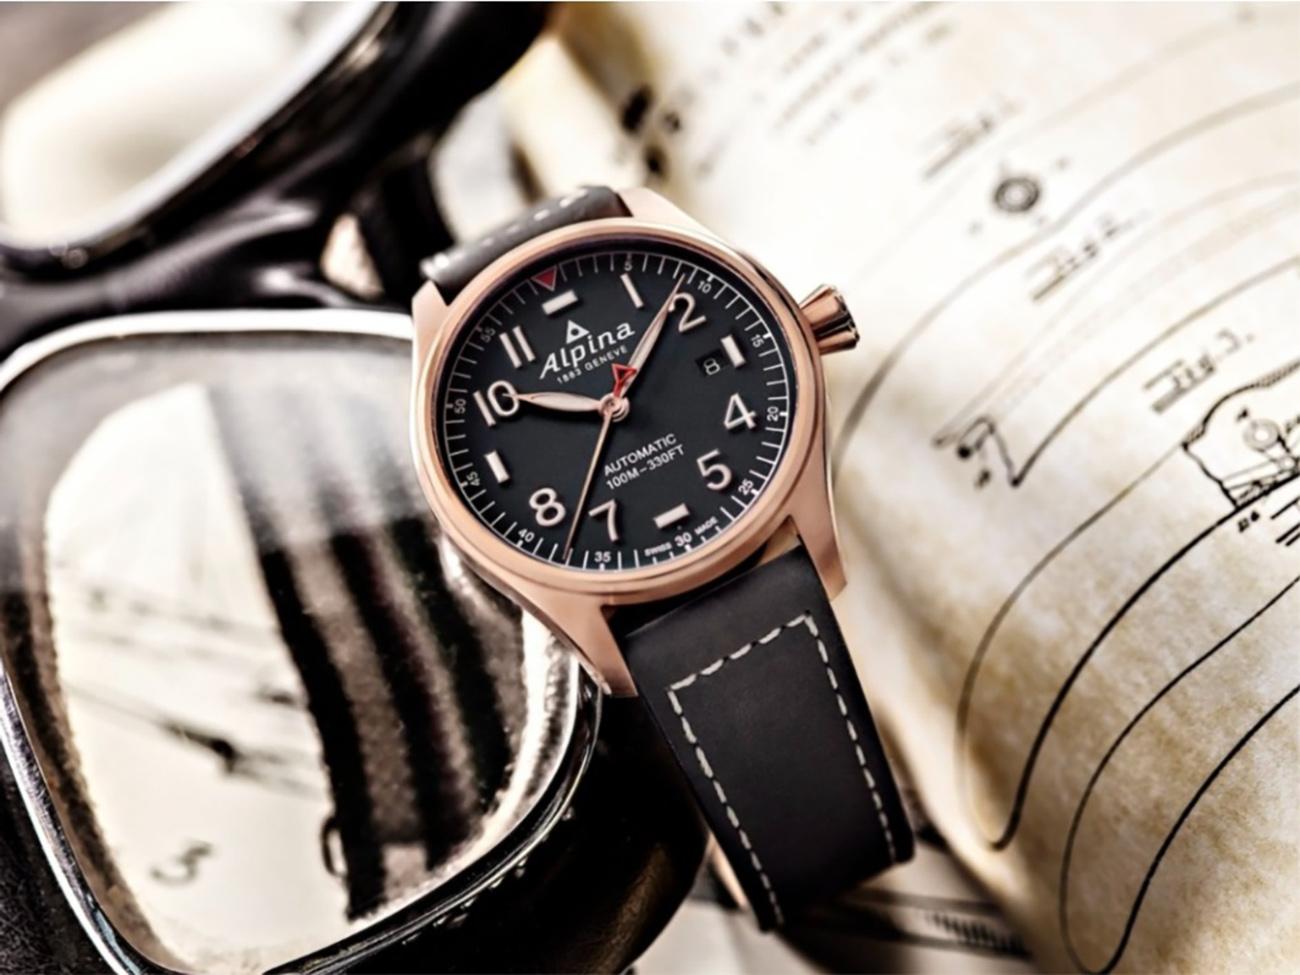 5 πανέμορφα pilot ρολόγια που δεν θα σας κοστίσουν μια περιουσία